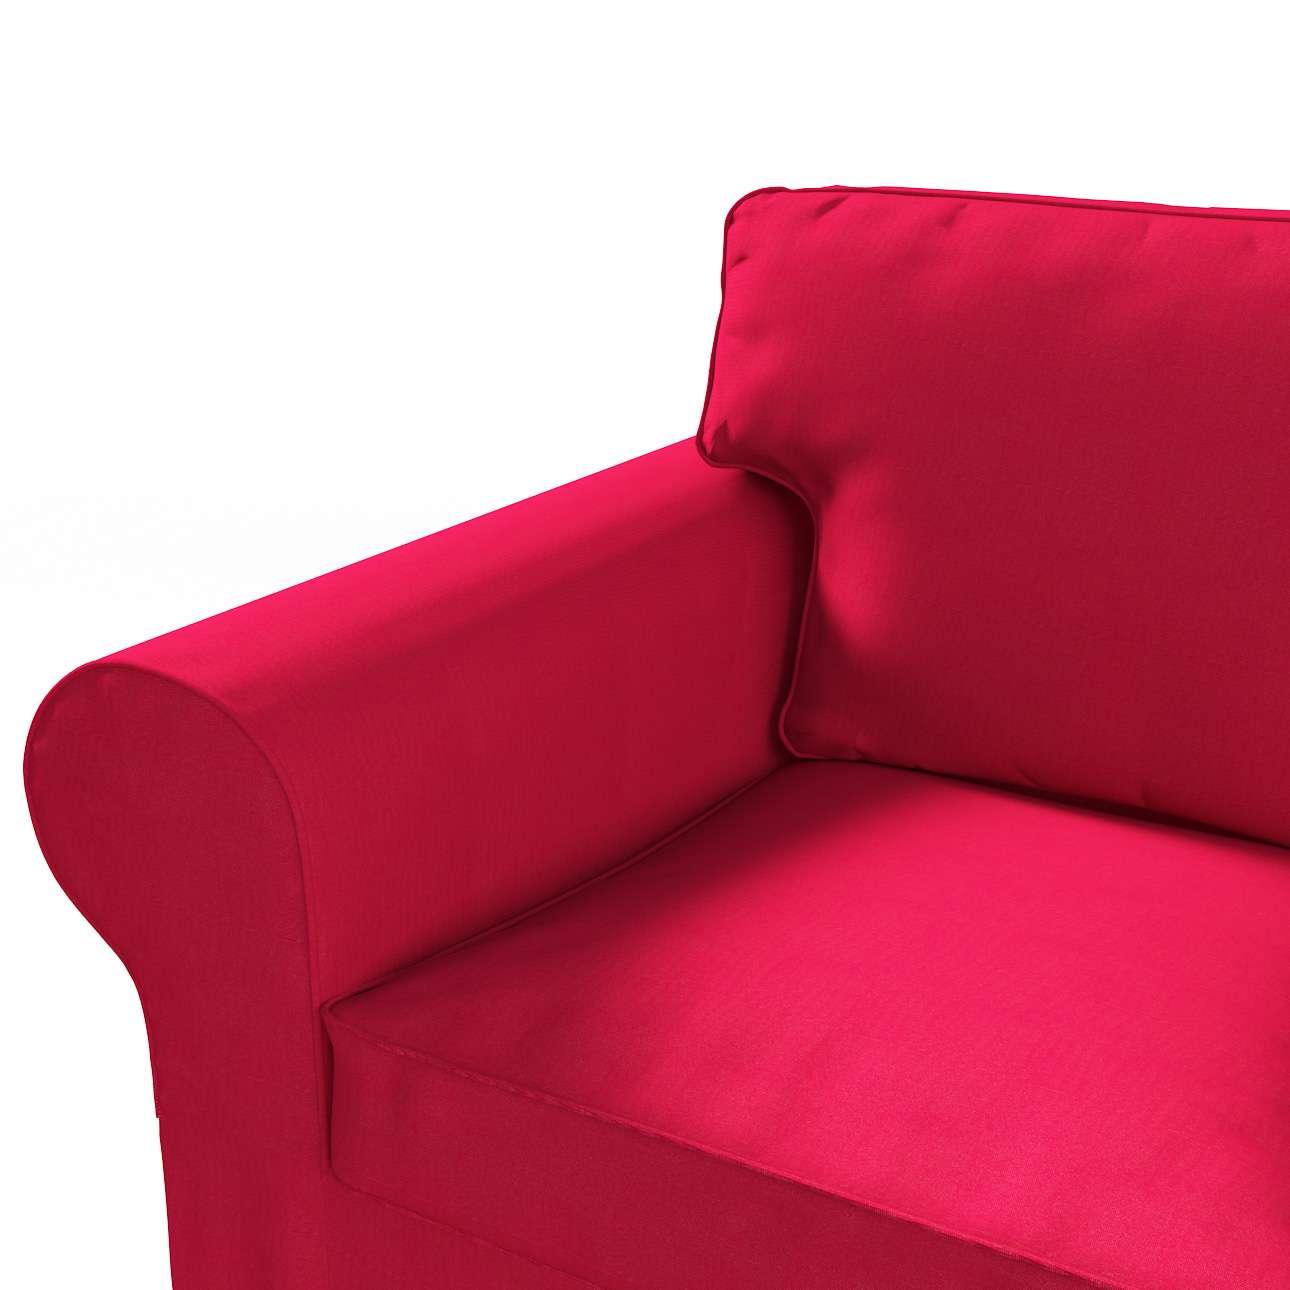 Ektorp trekk 3 seter sovesofa uten boks fra kolleksjonen Etna - Ikke for gardiner, Stoffets bredde: 705-60